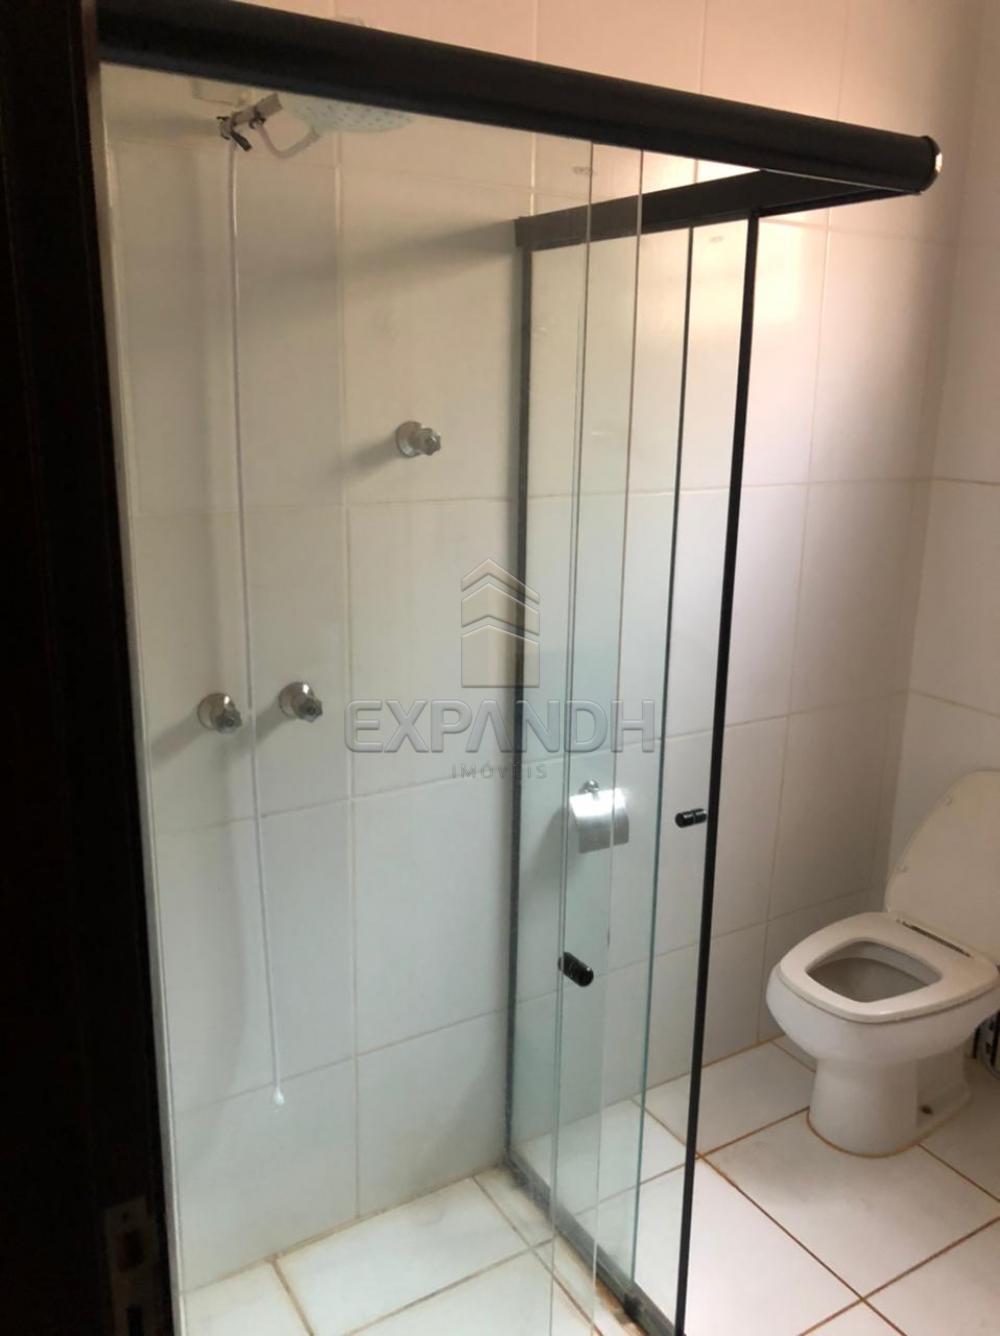 Alugar Casas / Padrão em Sertãozinho apenas R$ 1.500,00 - Foto 17